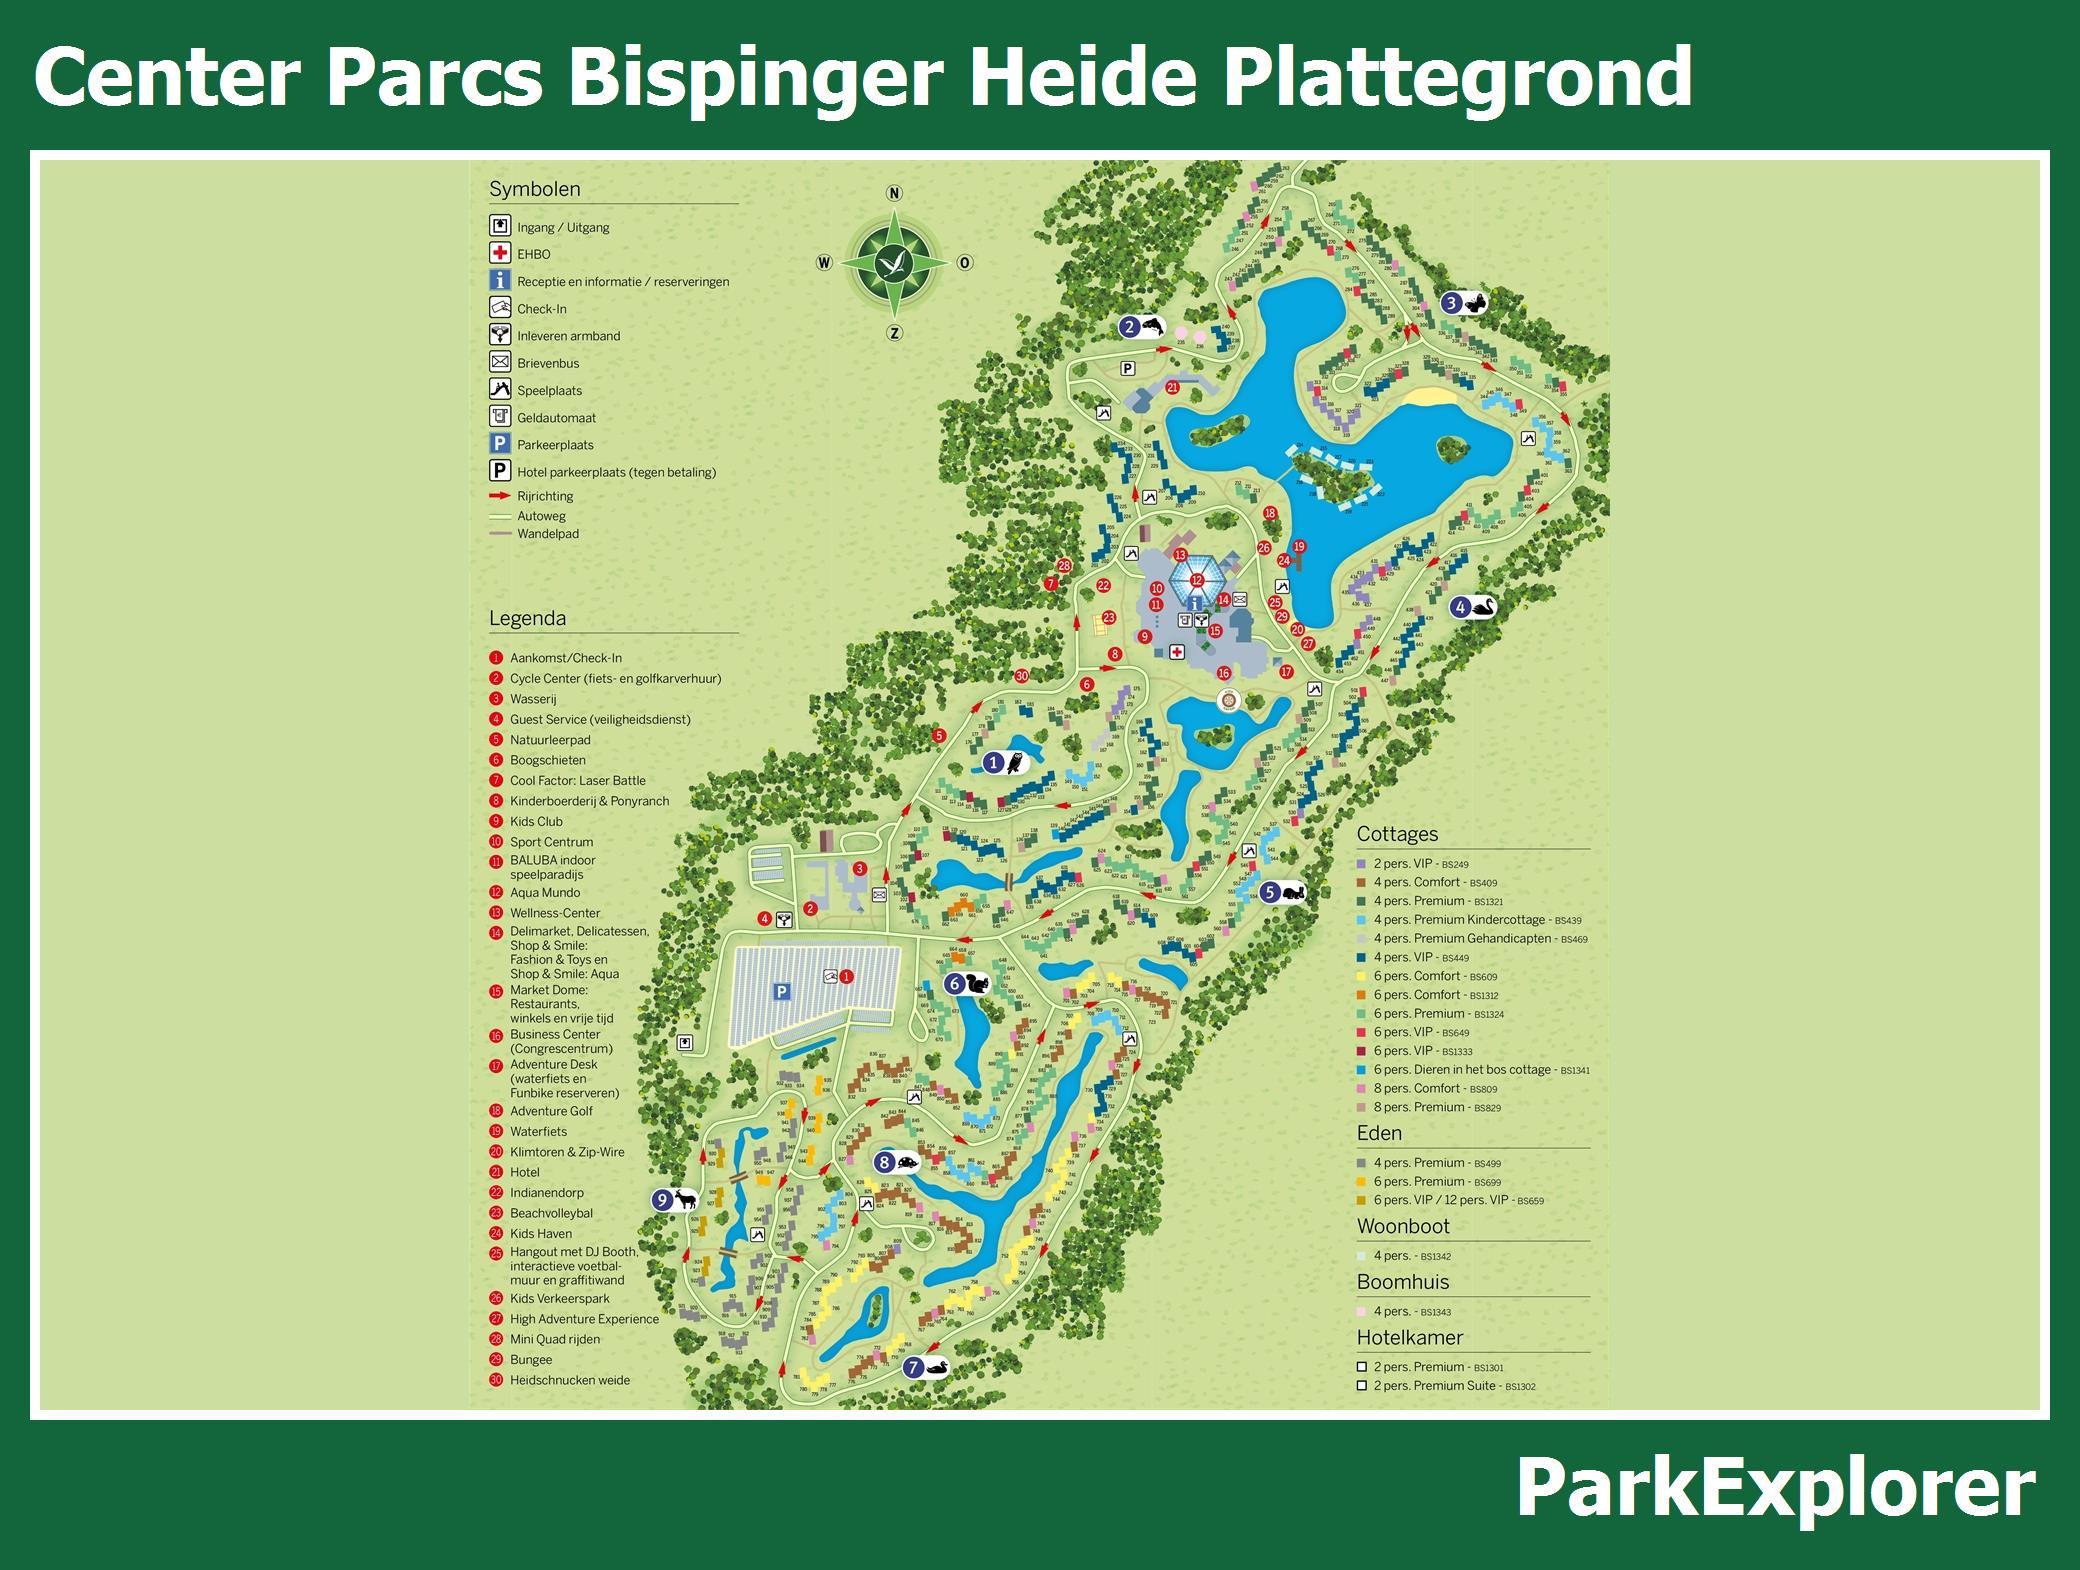 px park plattegrond van center parcs bispinger heide. Black Bedroom Furniture Sets. Home Design Ideas